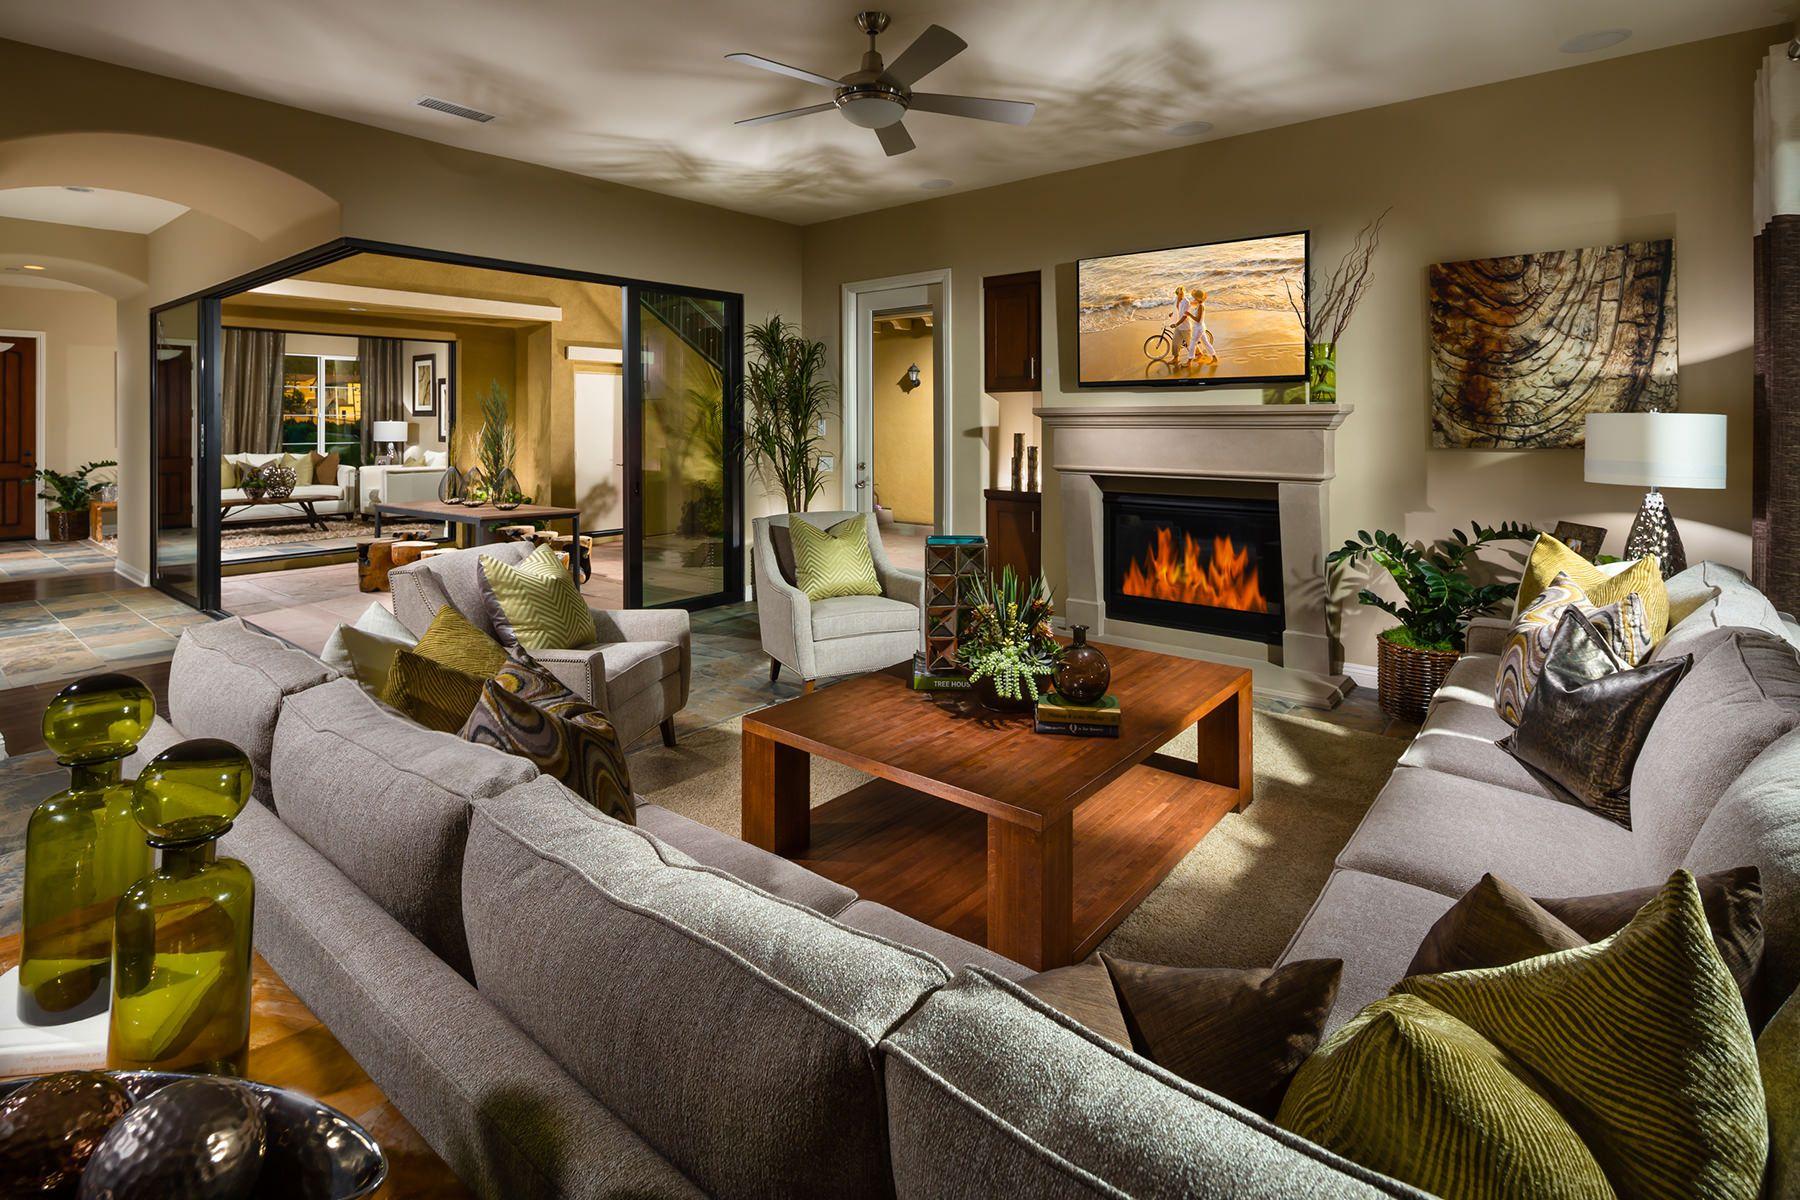 Ambrosia Interior Design With Images Interior Design